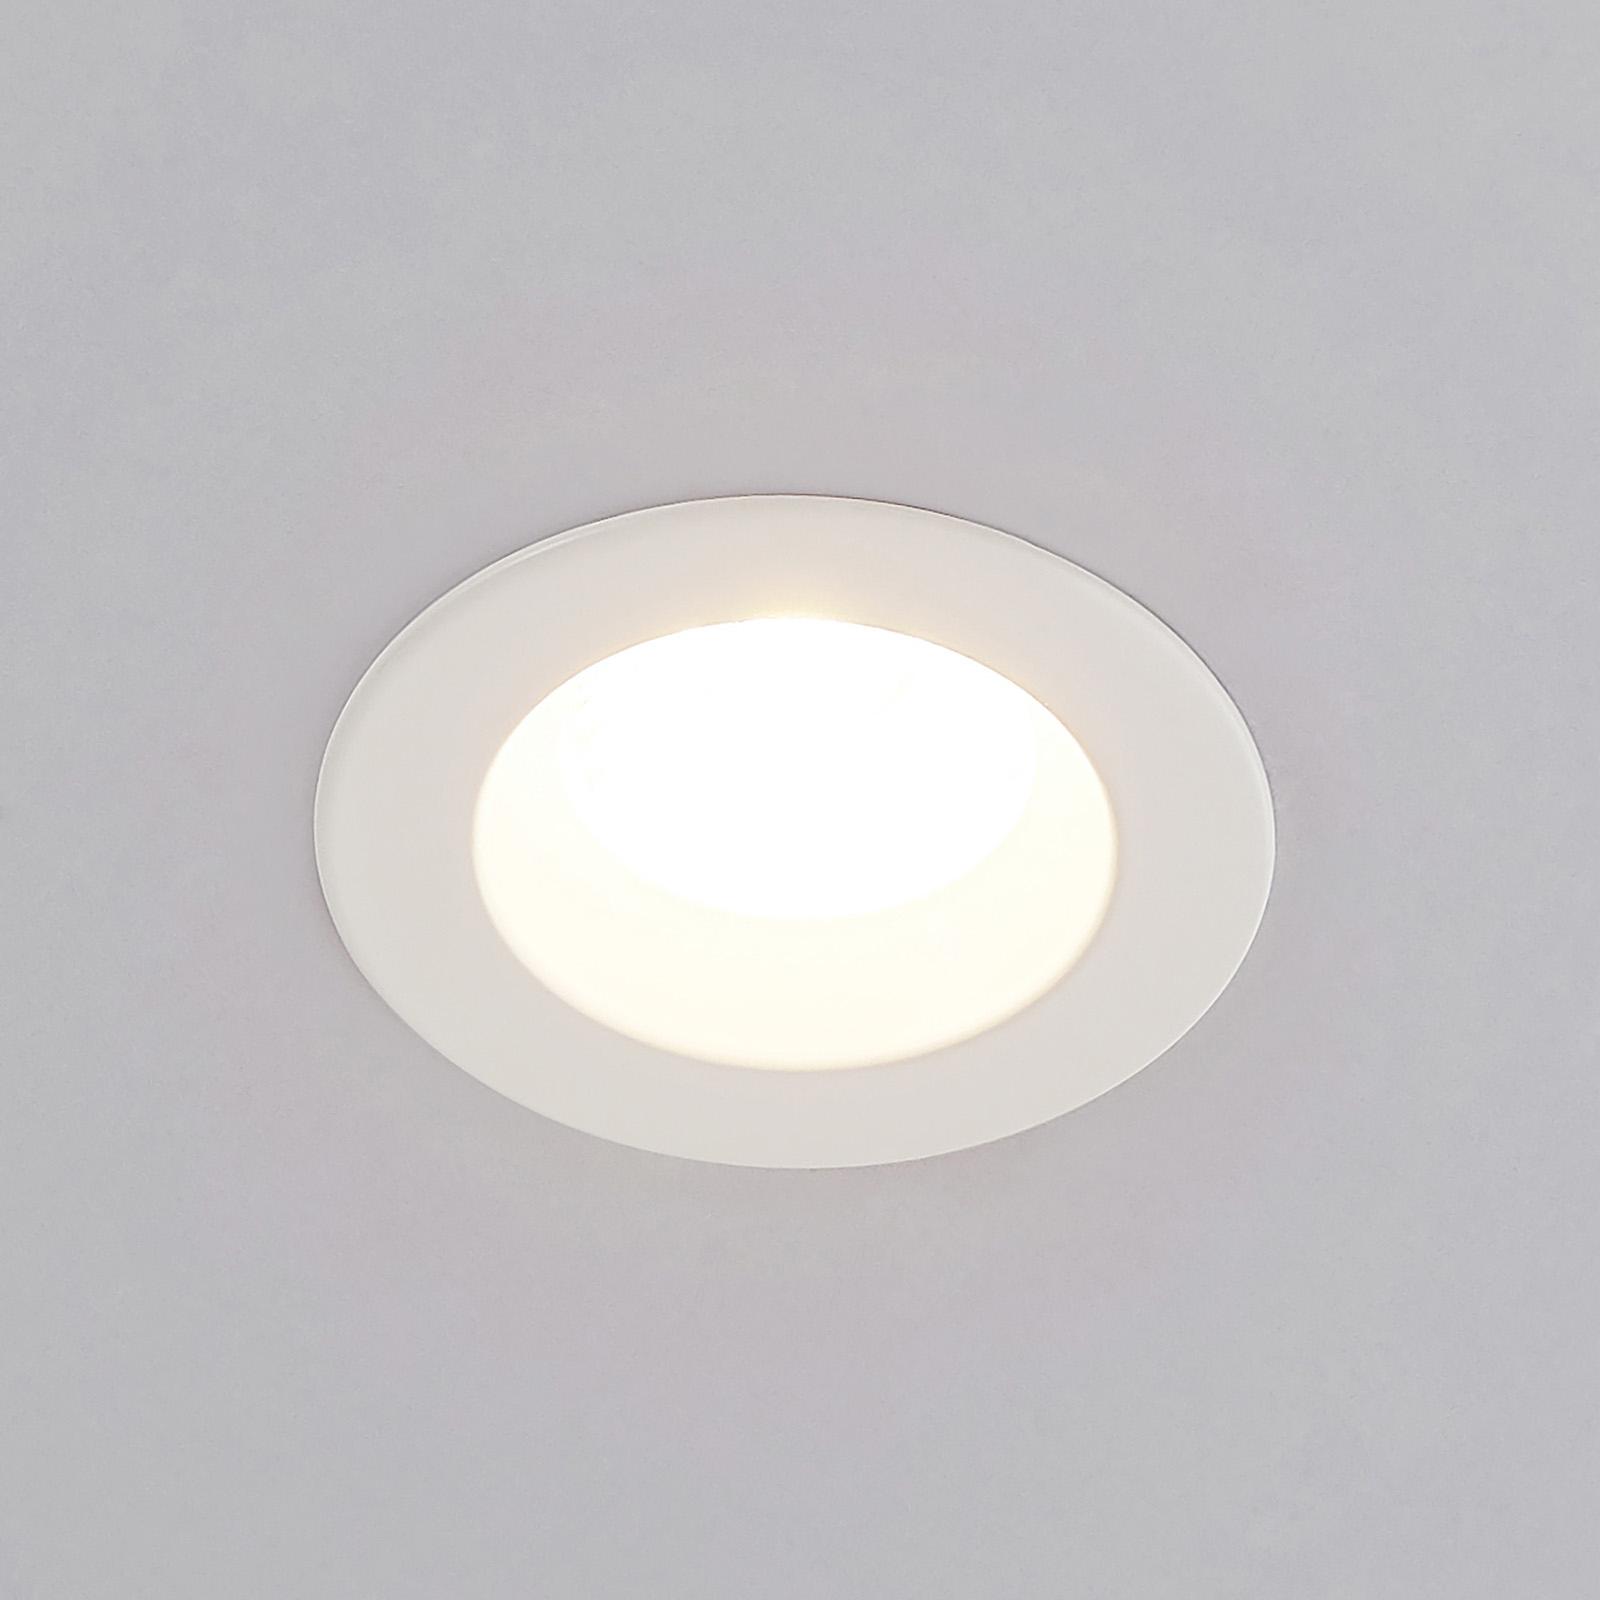 Arcchio Unai LED-Einbaustrahler 2.700K IP65, 6,4W